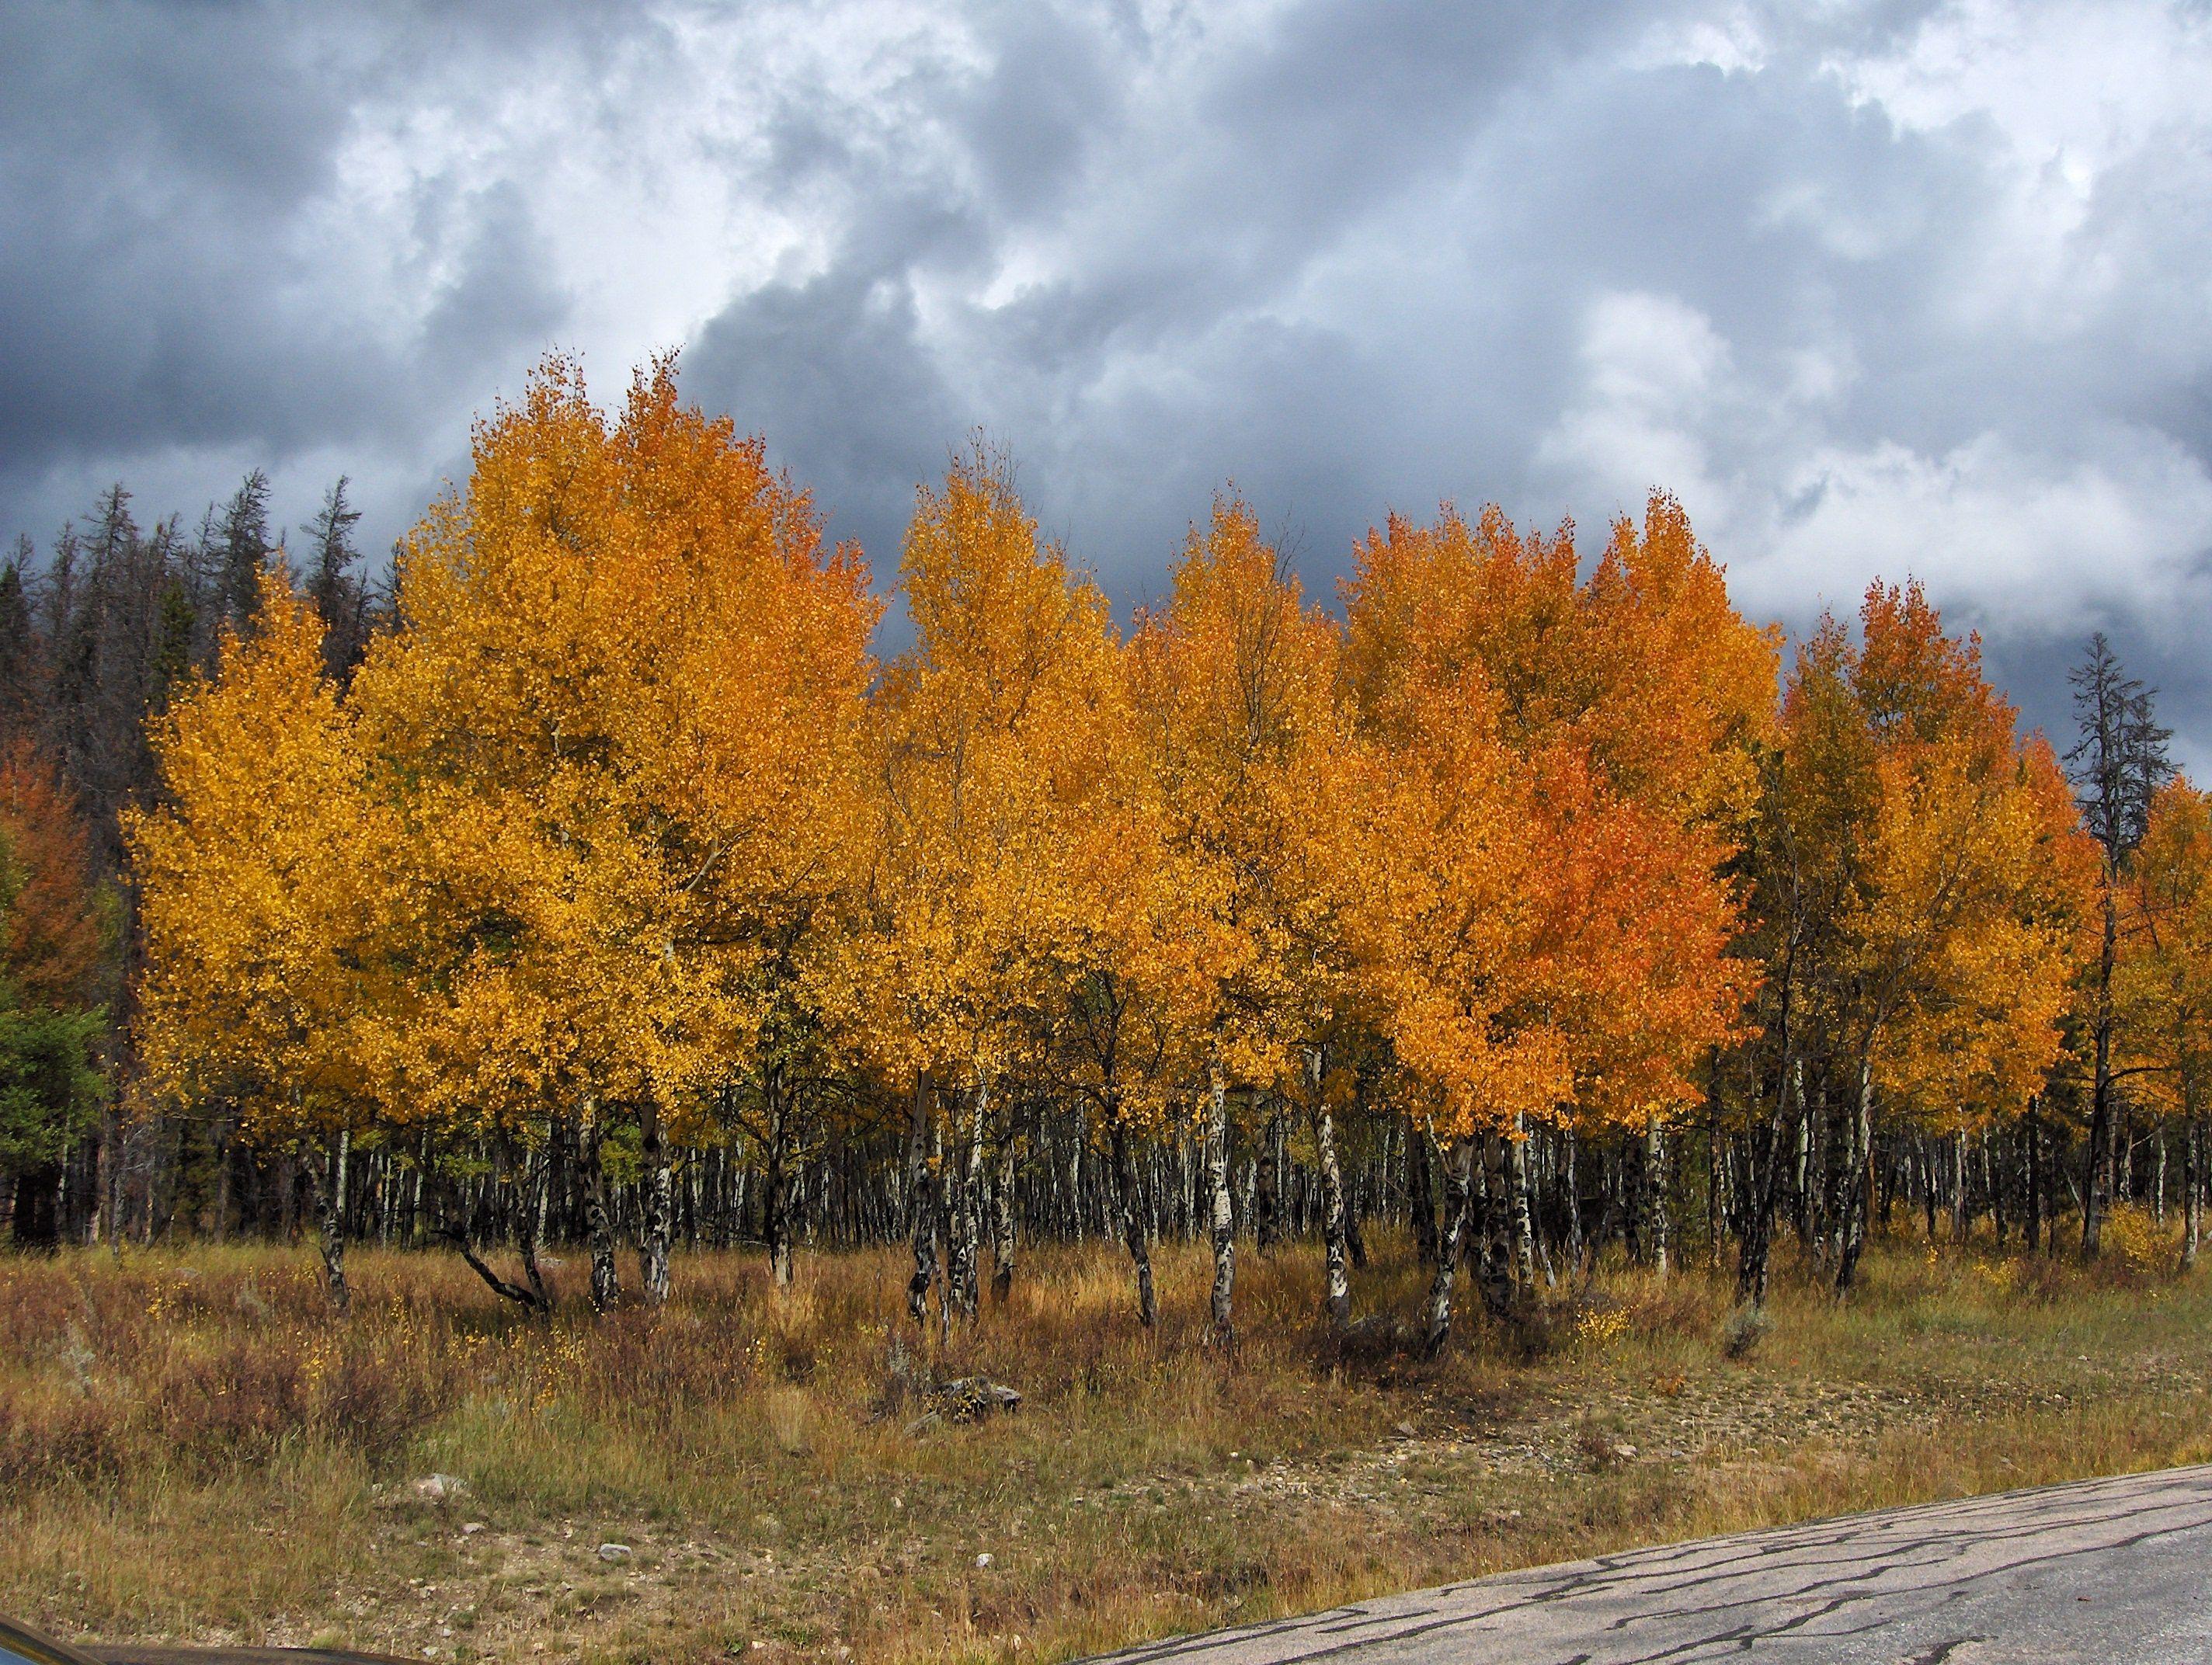 Autumn Aspens, Estes Park, CO, Sept. '08